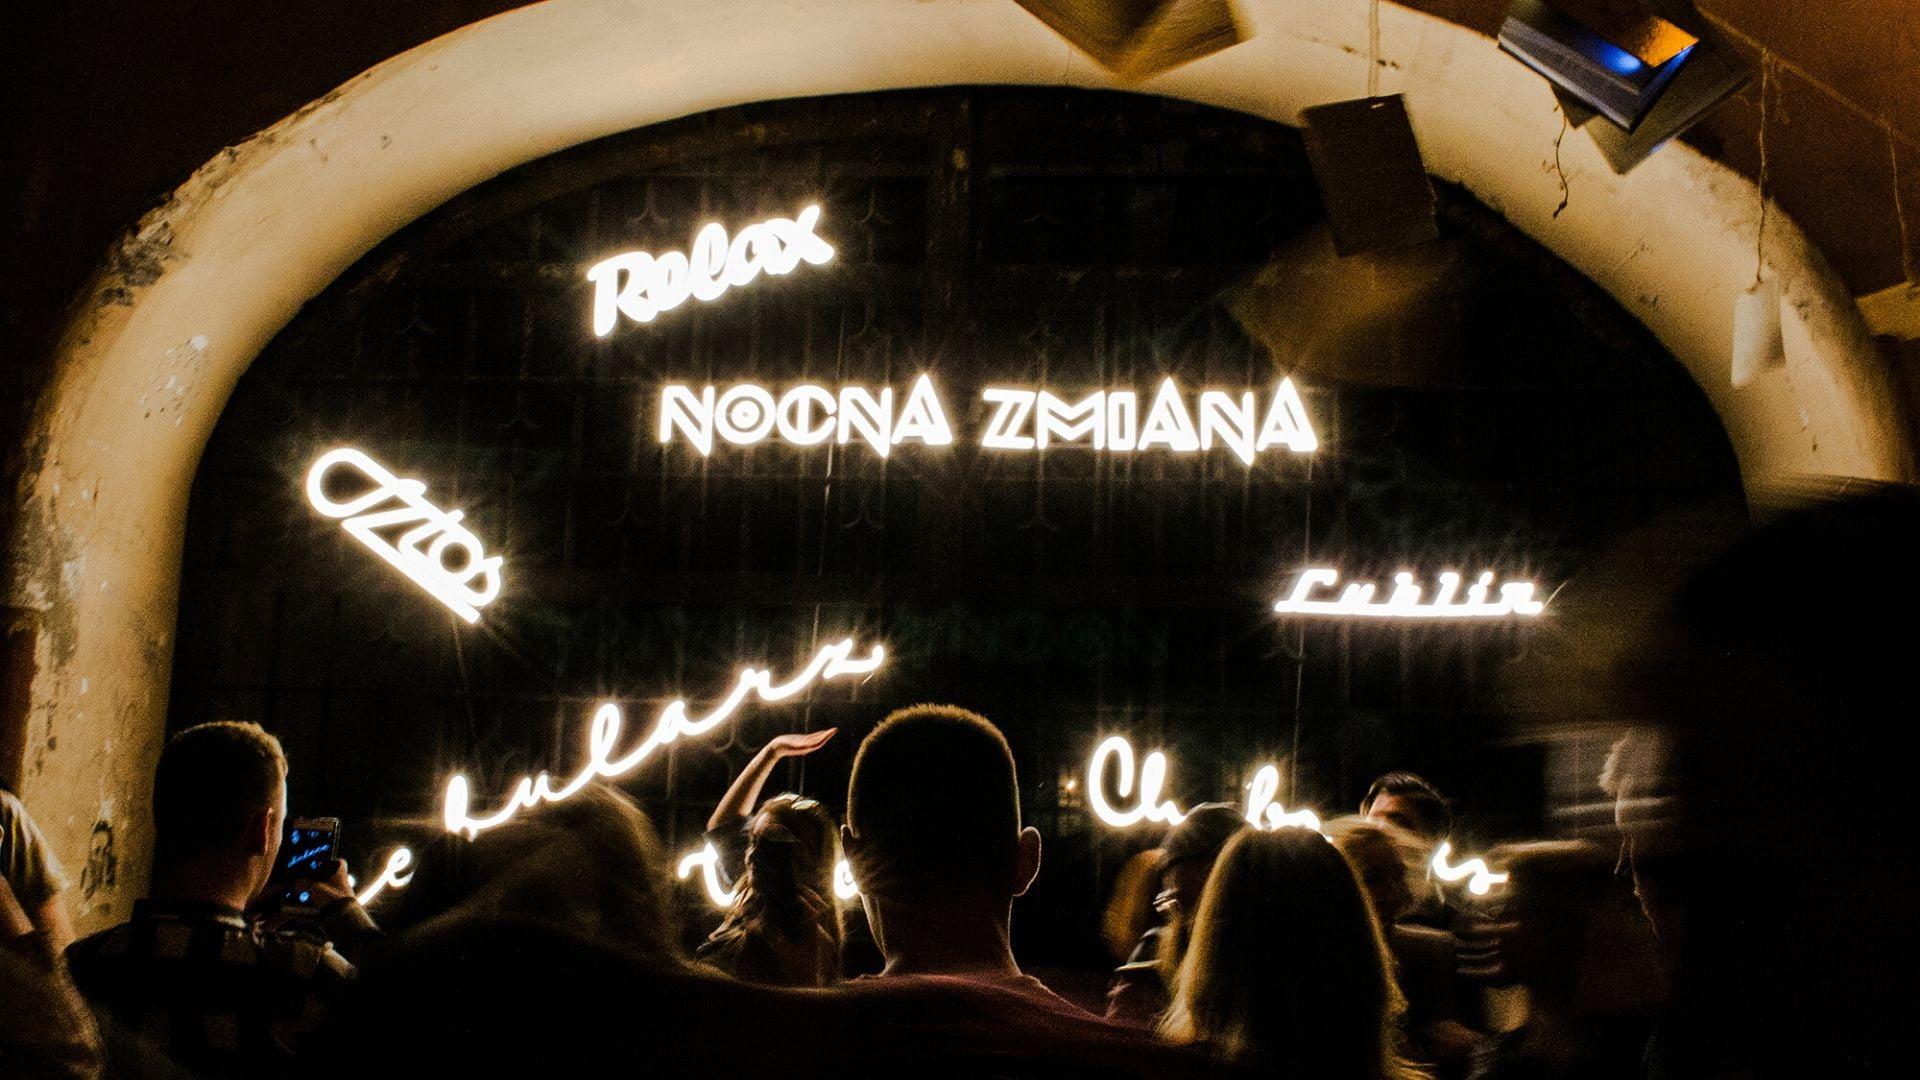 Noc Kultury, tłum ludzi, widoczne neony: Relax, Nocna Zmiana, Lublin